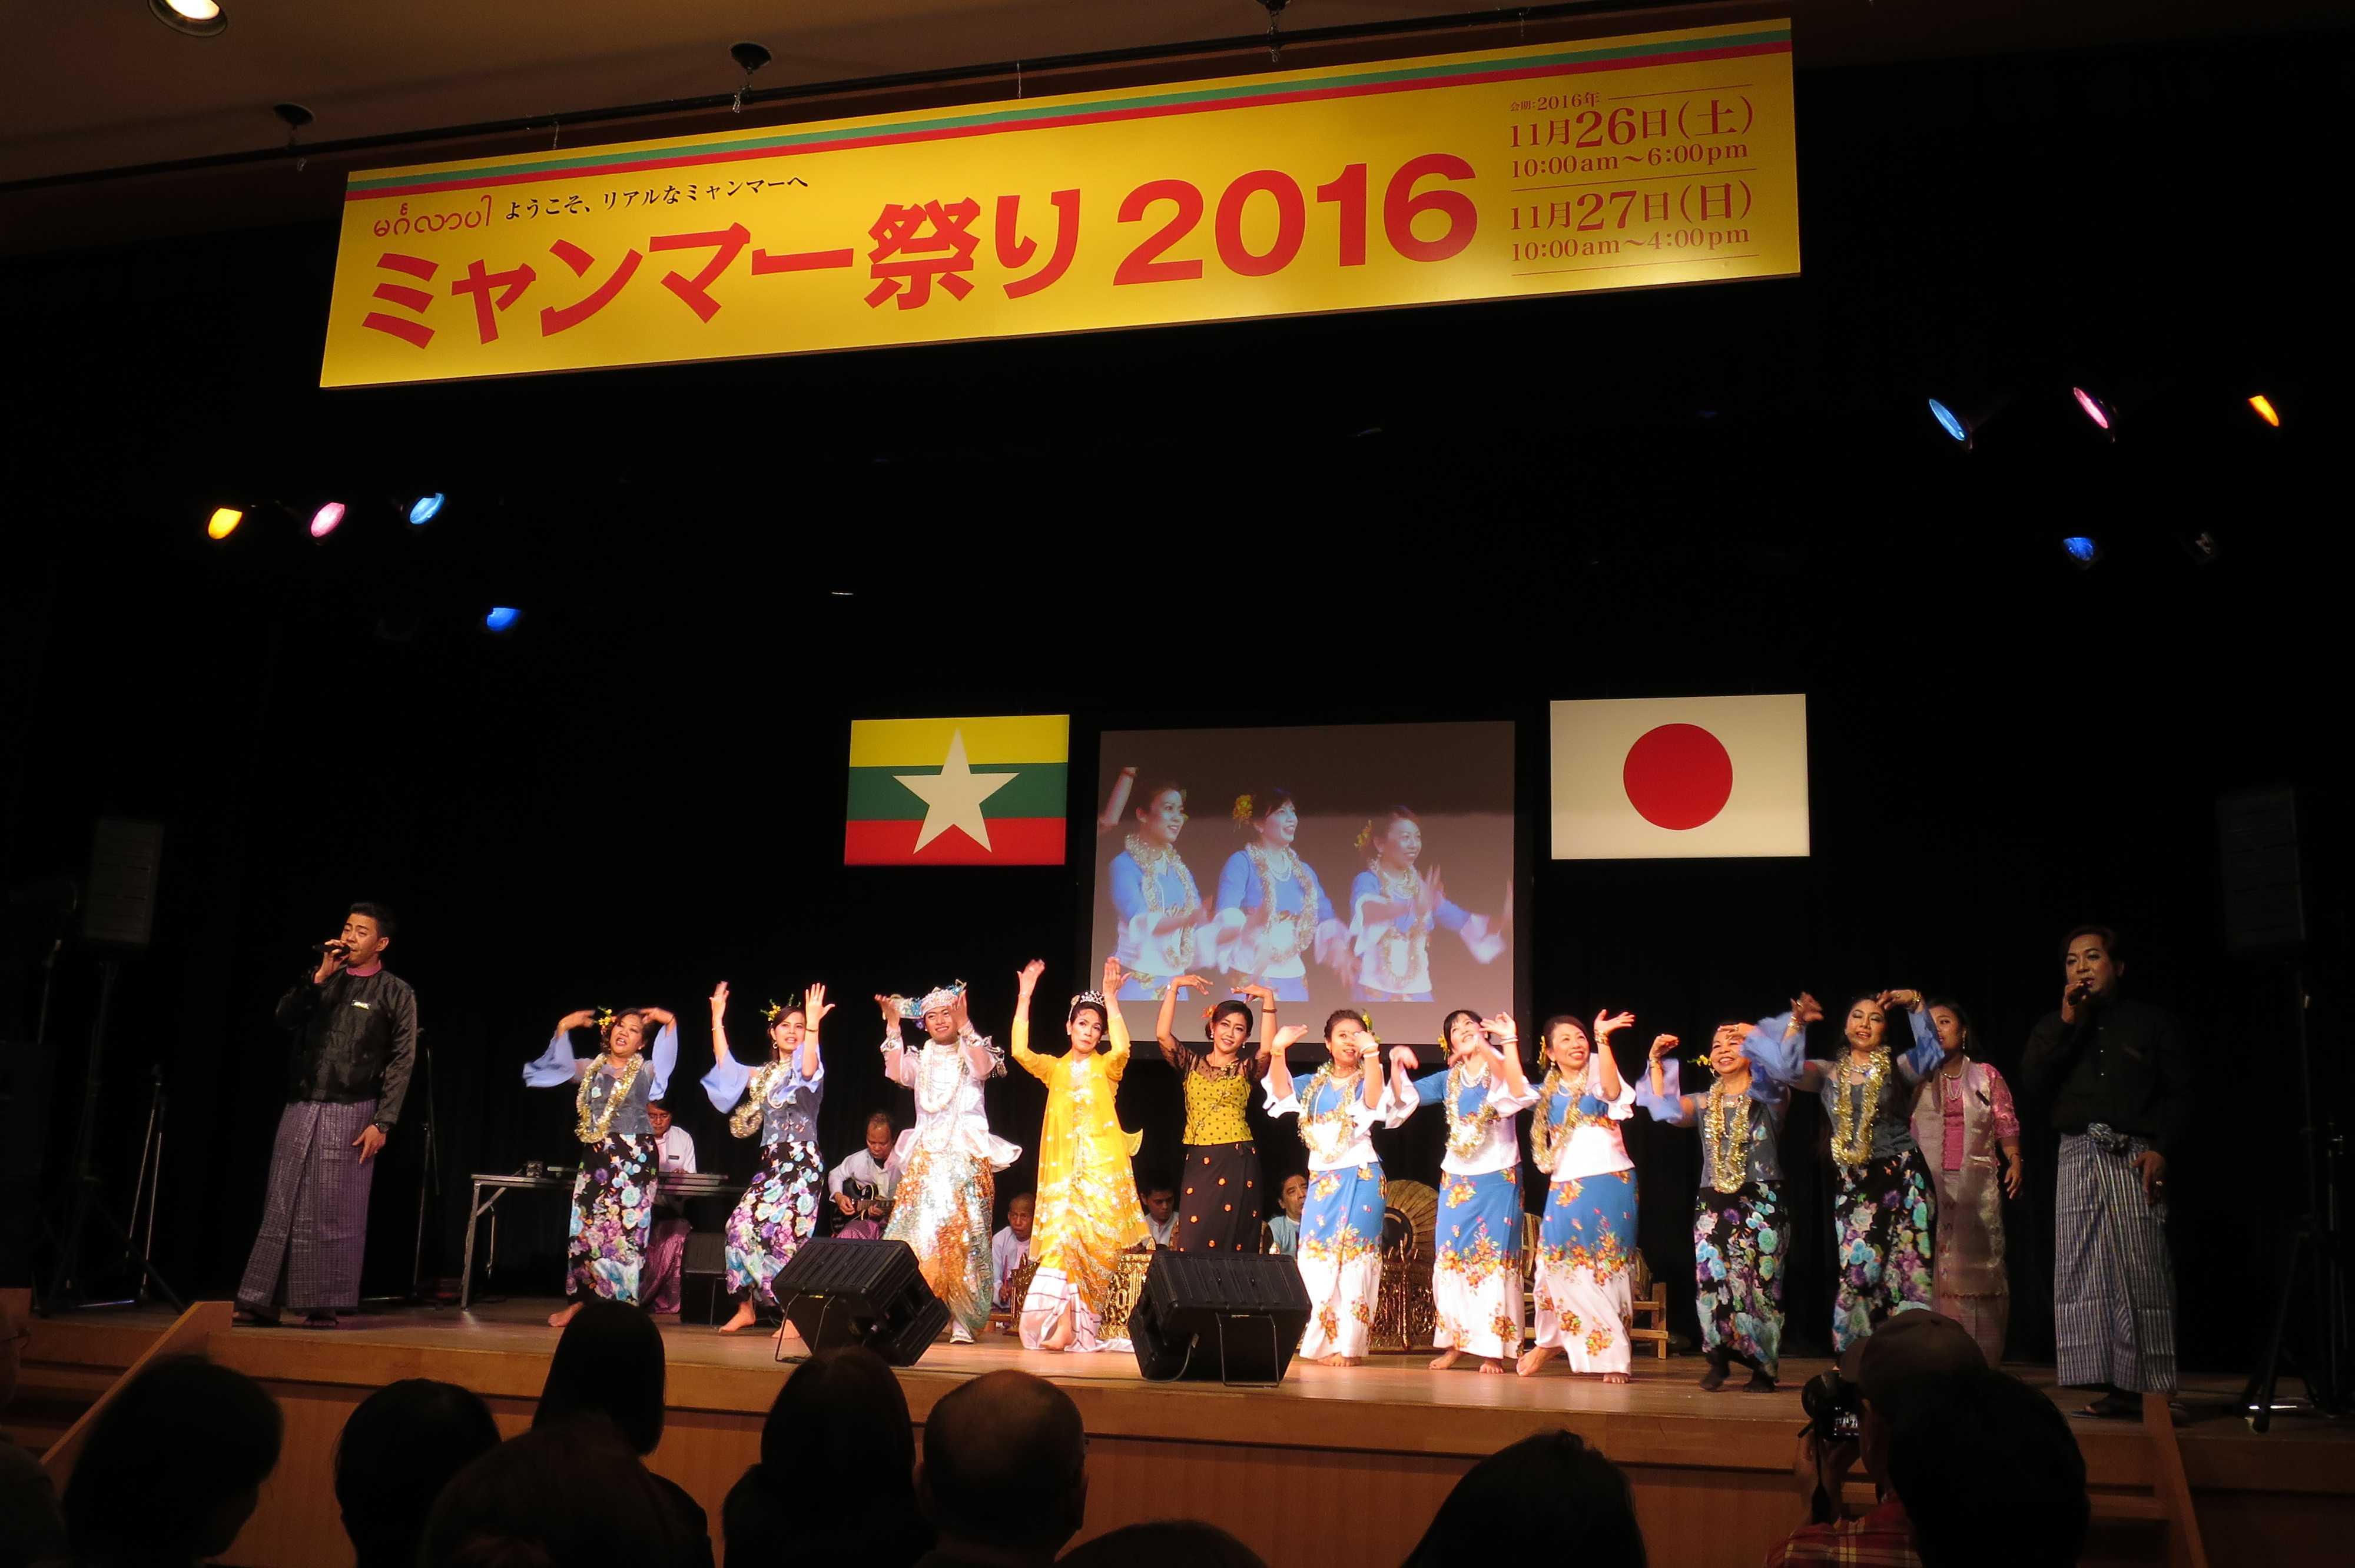 ミャンマー祭り2016のステージ